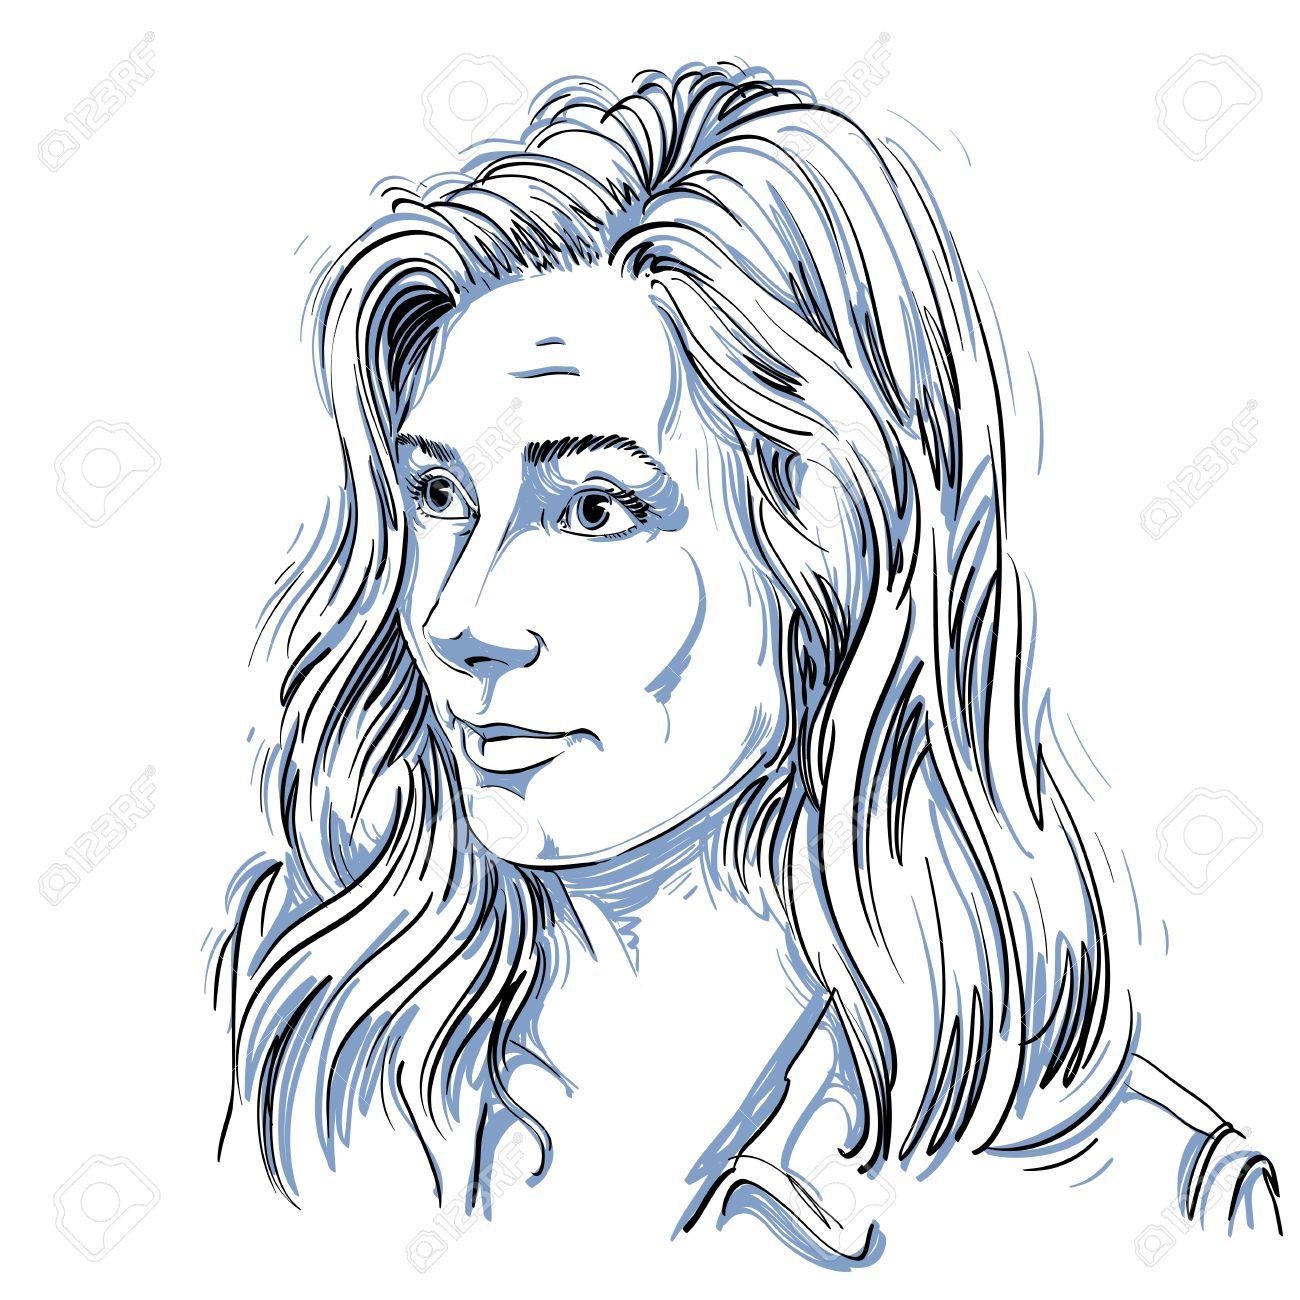 Portrait De Femme Délicate Douter De Rides Sur Son Front En Noir Et Blanc De Dessin Vectoriel Idée Image Expressions émotionnelles